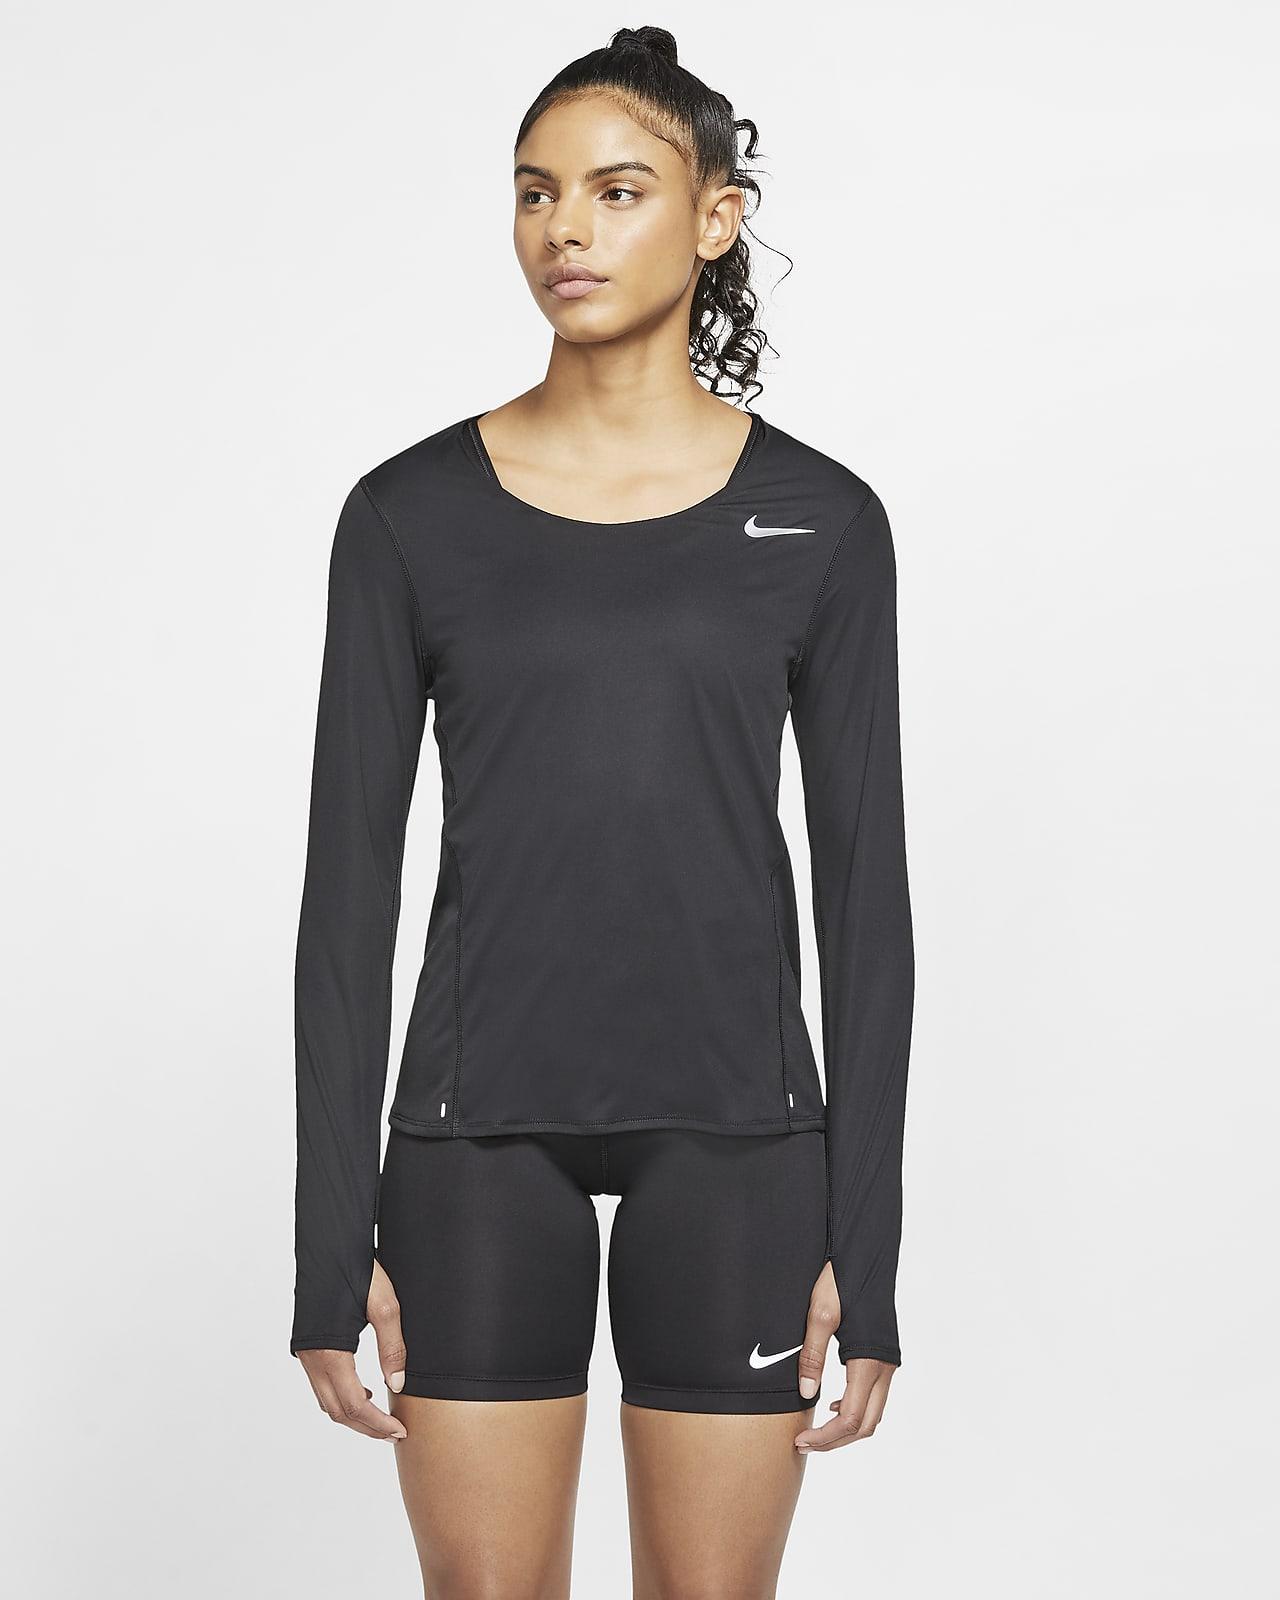 Женская беговая футболка с длинным рукавом Nike